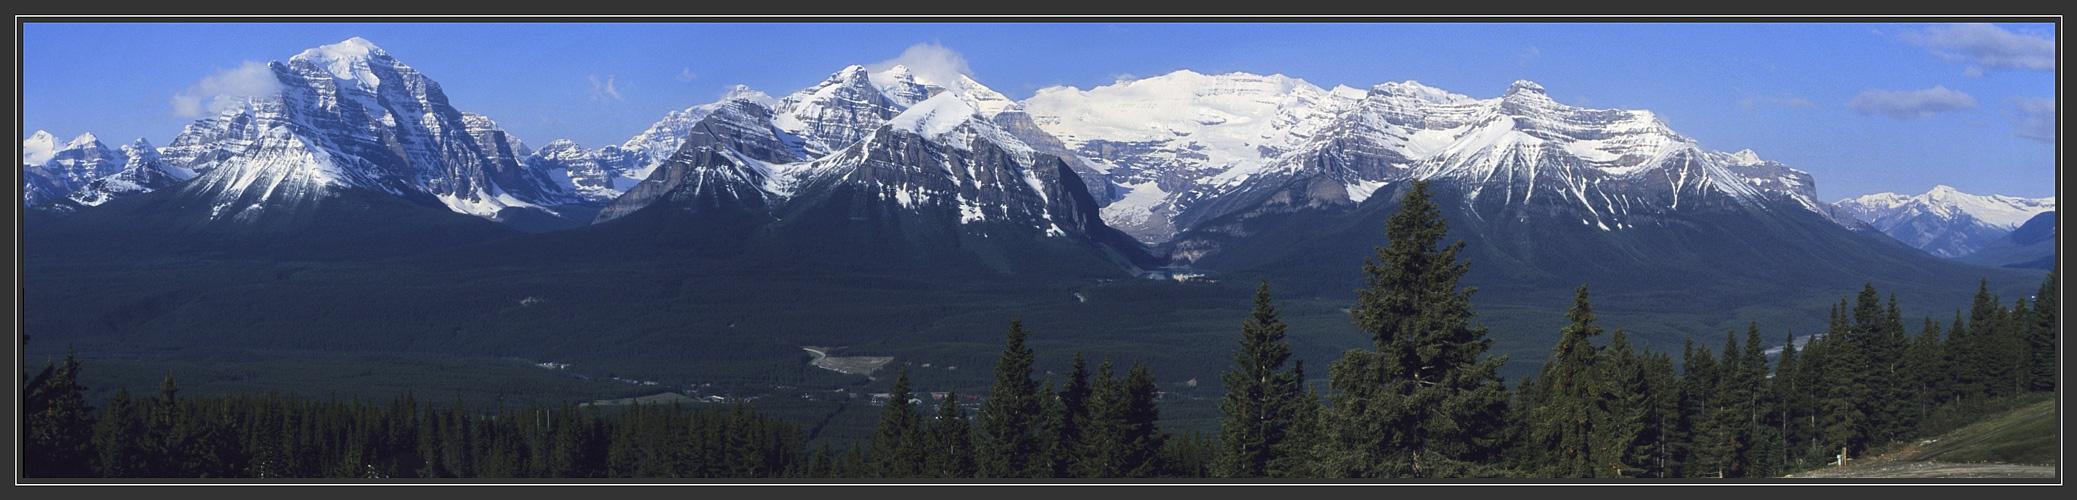 Die Kanadischen Rockies bei Lake Louise